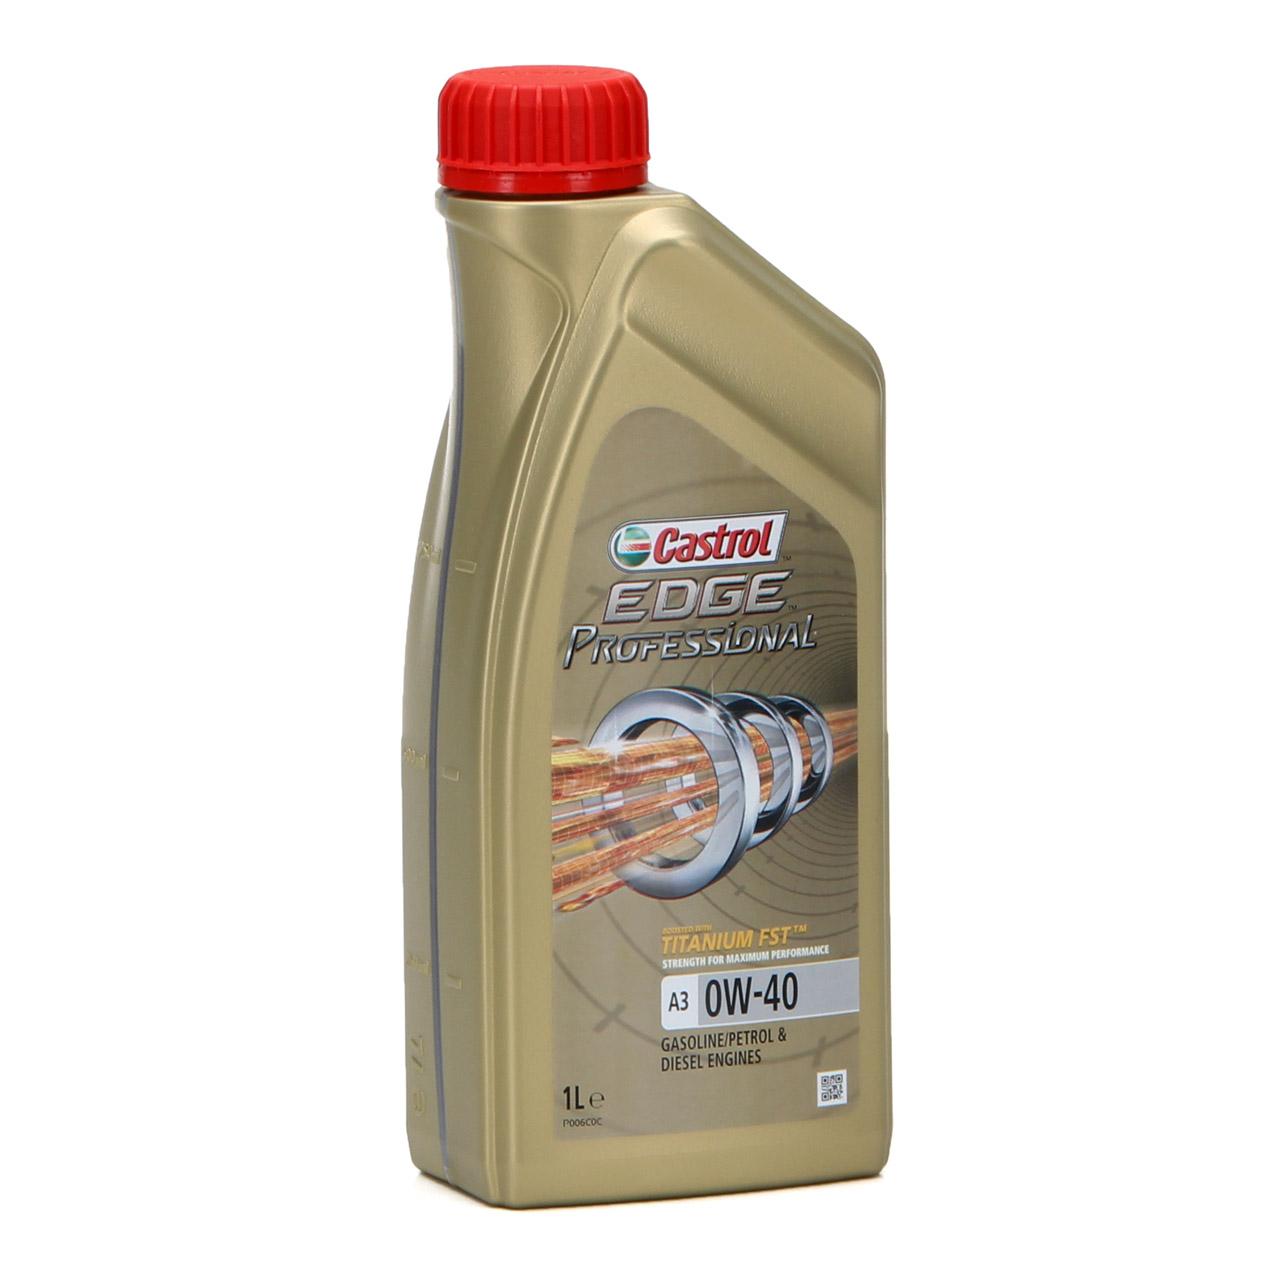 CASTROL EDGE Professional Motoröl Öl TITANIUM FST A3 0W40 BMW LL-01 - 4L 4 Liter